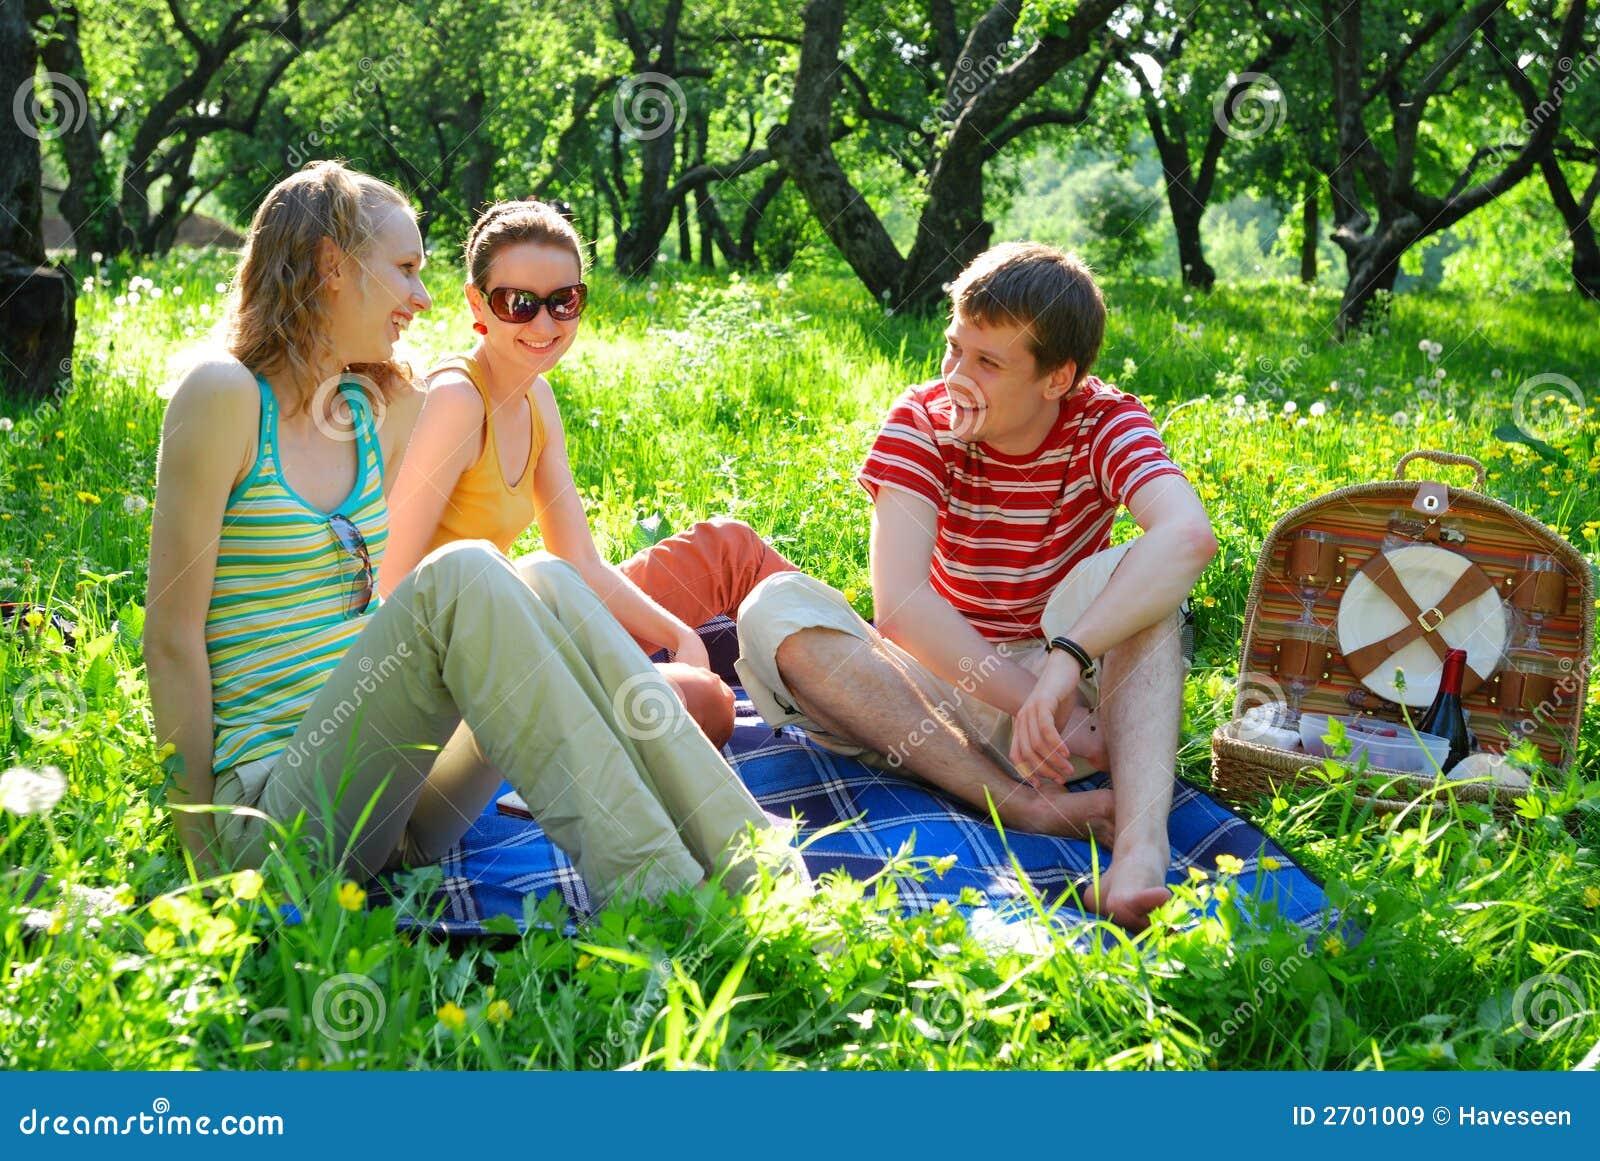 пикник друзей